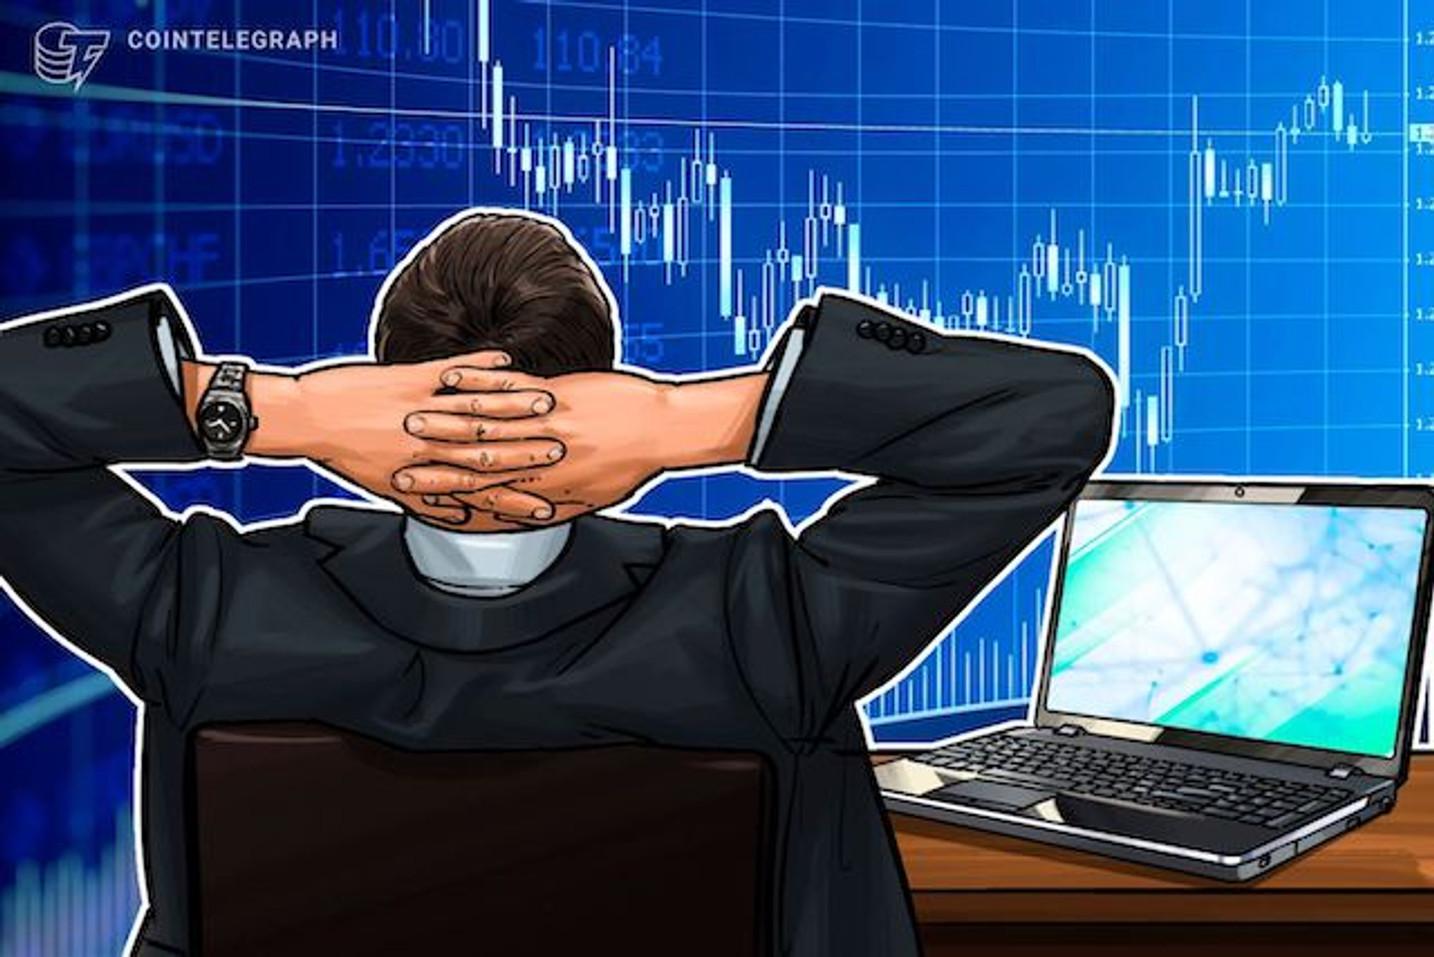 日本の仮想通貨取引所競争が一層激化、ビットコイン相場は週末から軟調な展開|仮想通貨相場市況(3月25日)